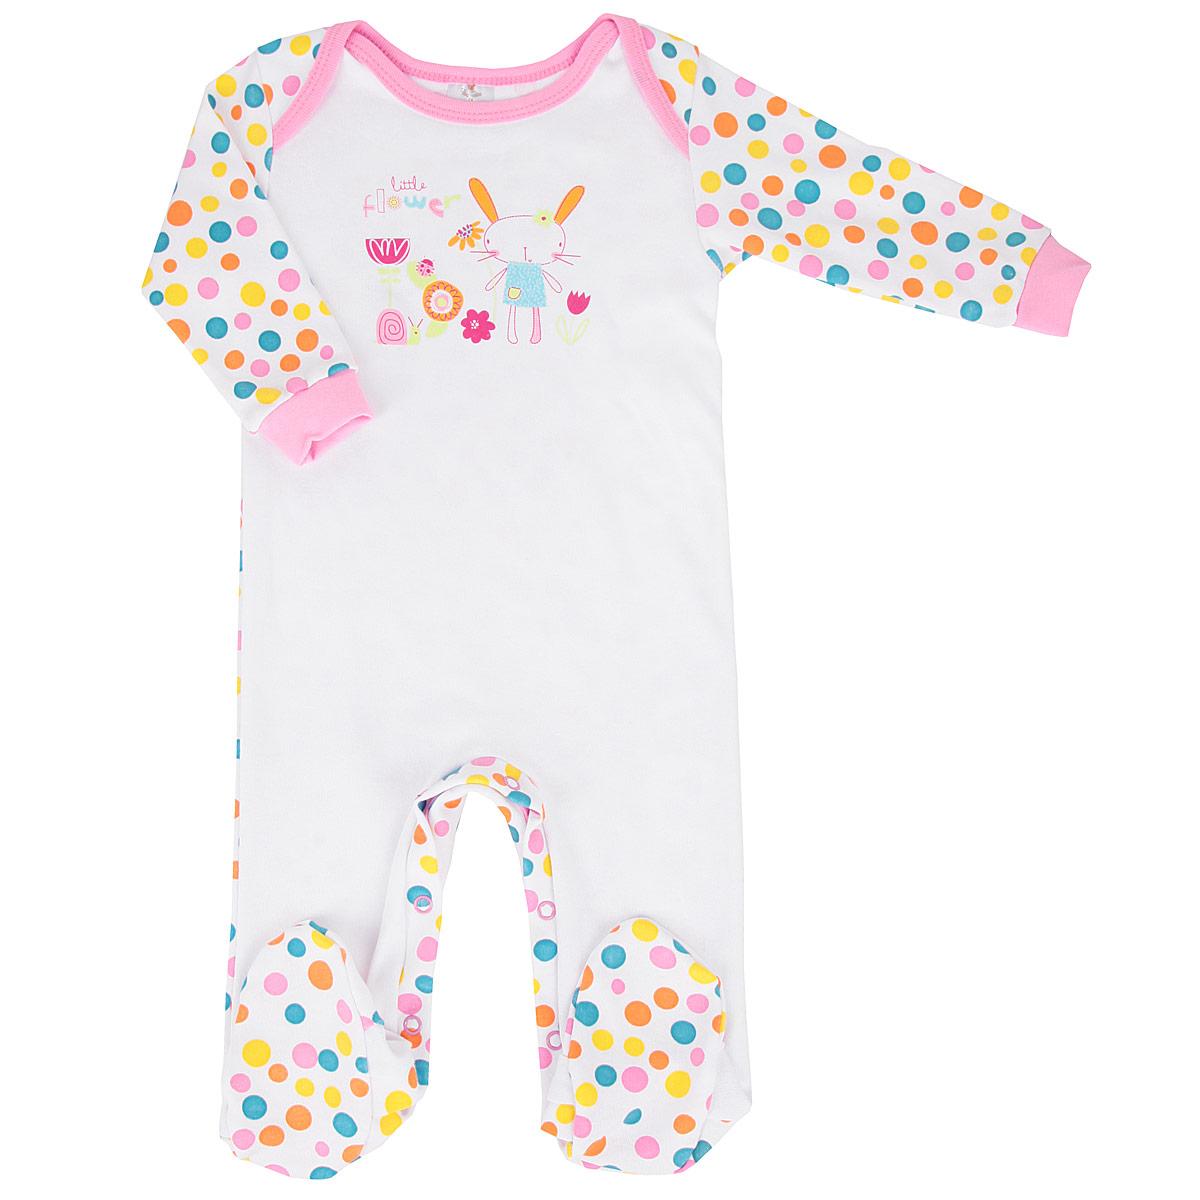 Комбинезон для девочки. 61846184Детский комбинезон для девочки КотМарКот - очень удобный и практичный вид одежды для малышей. Комбинезон выполнен из натурального хлопка, благодаря чему он необычайно мягкий и приятный на ощупь, не раздражает нежную кожу ребенка и хорошо вентилируется, а эластичные швы приятны телу малышки и не препятствуют ее движениям. Комбинезон с длинными рукавами и закрытыми ножками застегивается при помощи ряда кнопок на внутренней стороне штанин, что помогает легко переодеть младенца или сменить подгузник. На плечах расположены запахи, облегчающие одевание младенца. Рукава дополнены широкими трикотажными манжетами, которые мягко обхватывают запястья. Комбинезон декорирован принтом в крупный цветной горох и оформлен изображением очаровательного зайчика. С этим детским комбинезоном спинка и ножки вашей малышки всегда будут в тепле, он идеален для использования днем и незаменим ночью. Комбинезон полностью соответствует особенностям жизни младенца в ранний период, не стесняя и не...